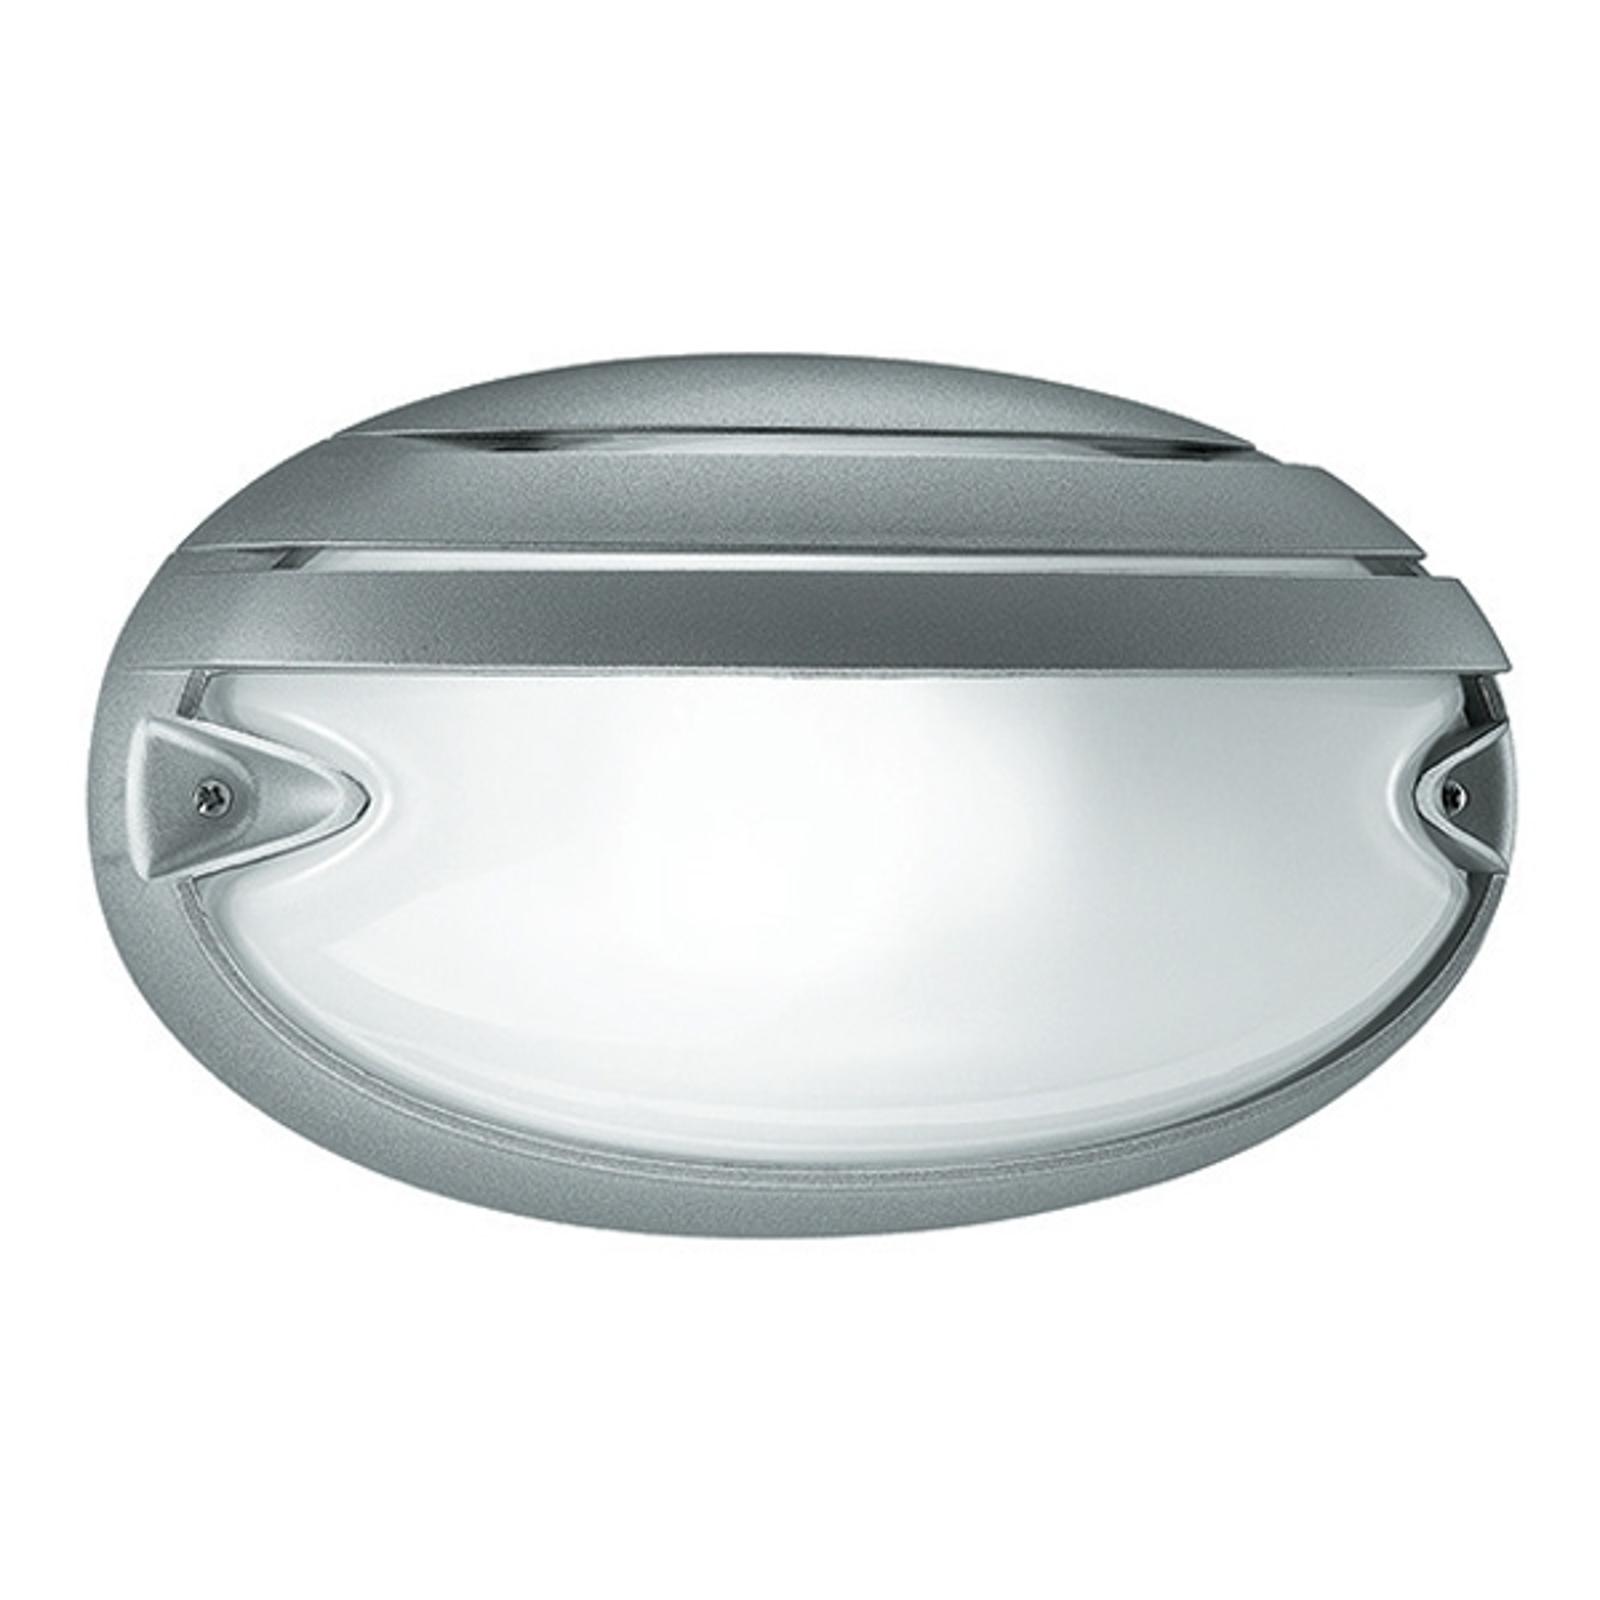 CHIP buitenwandlamp met paneel, wit